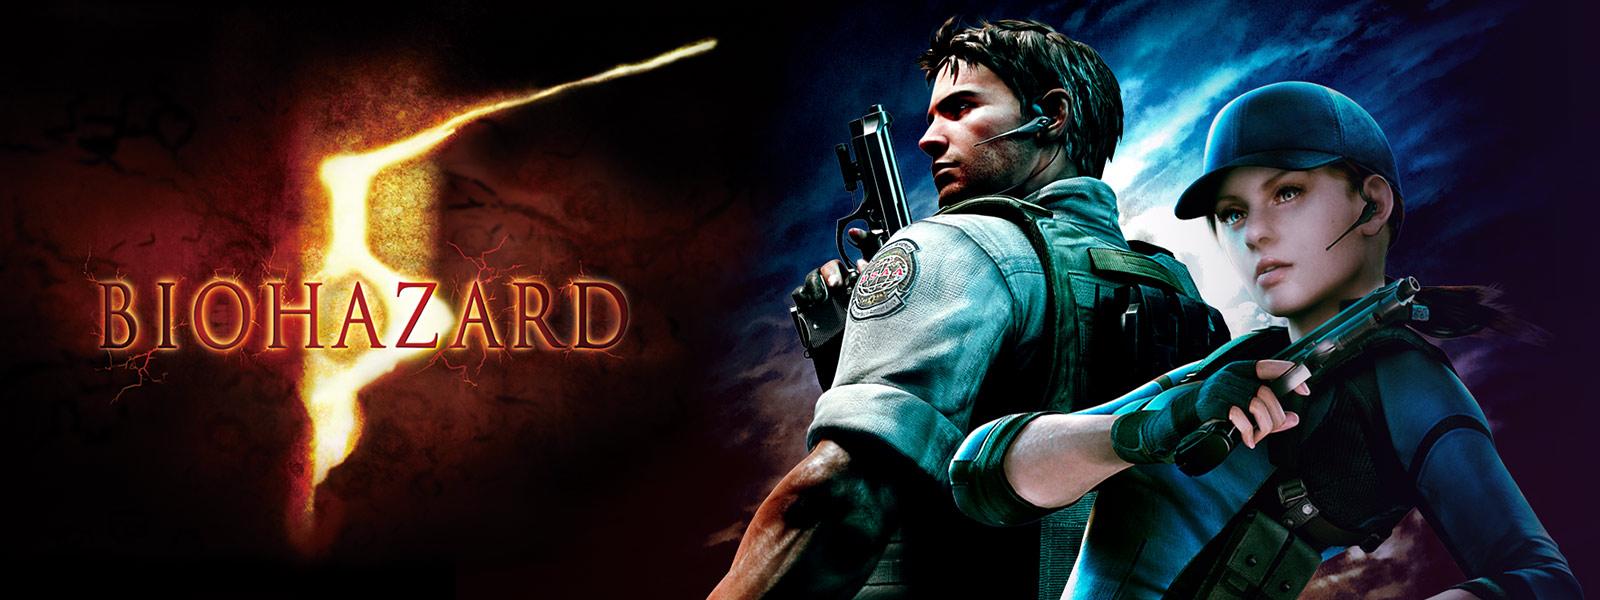 バイオハザード 5、暗雲が立ち込める空を背景に拳銃を持つキャラクターたち